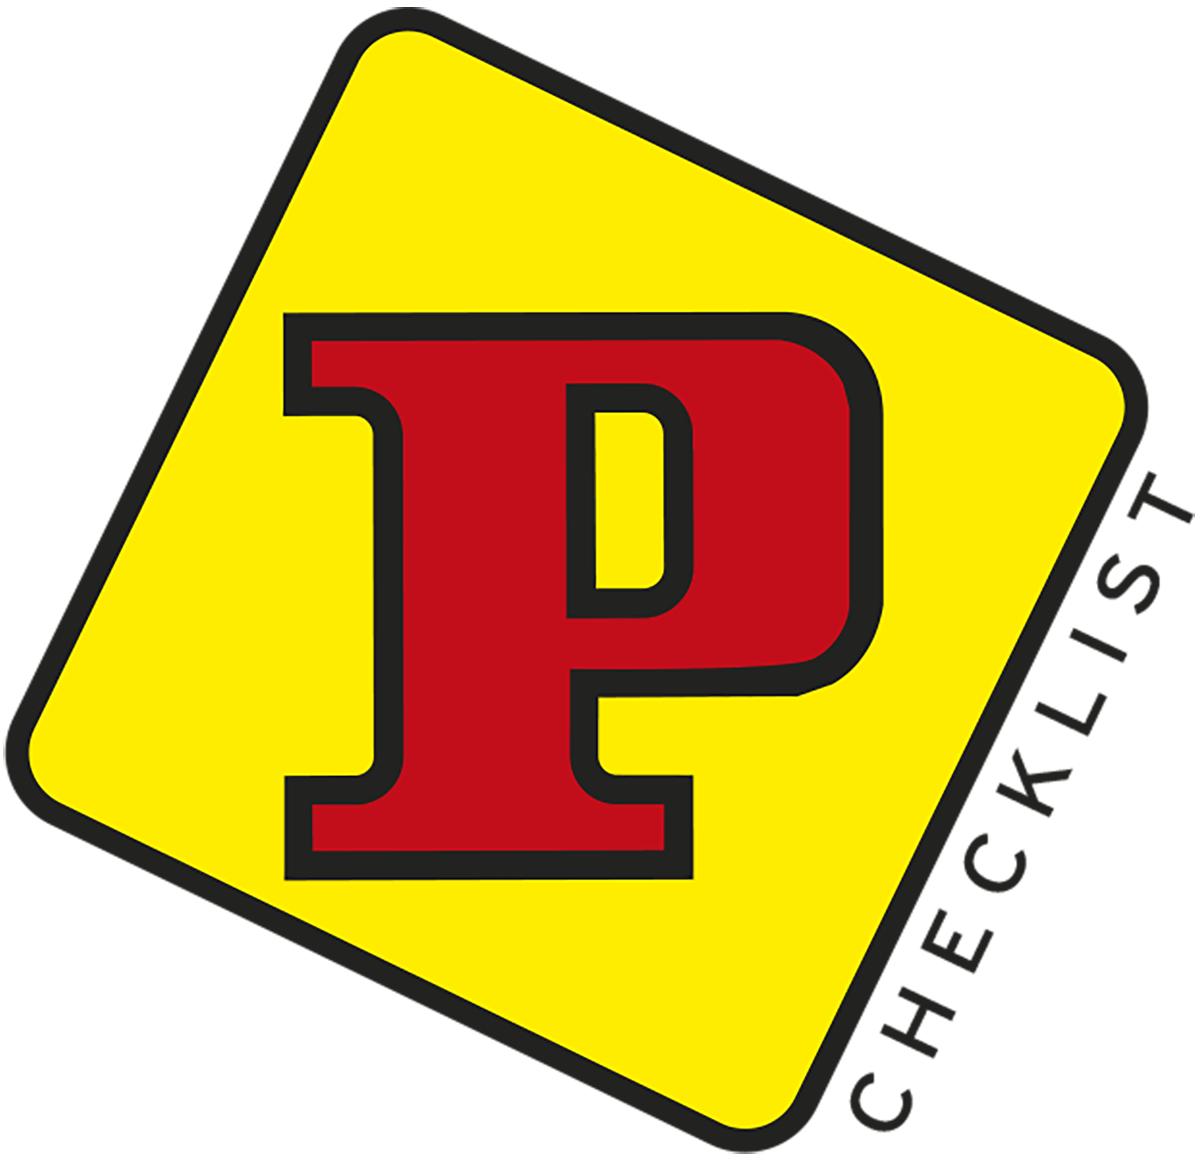 CHECKLIST DE JUIN 2021 - PANINI COMICS